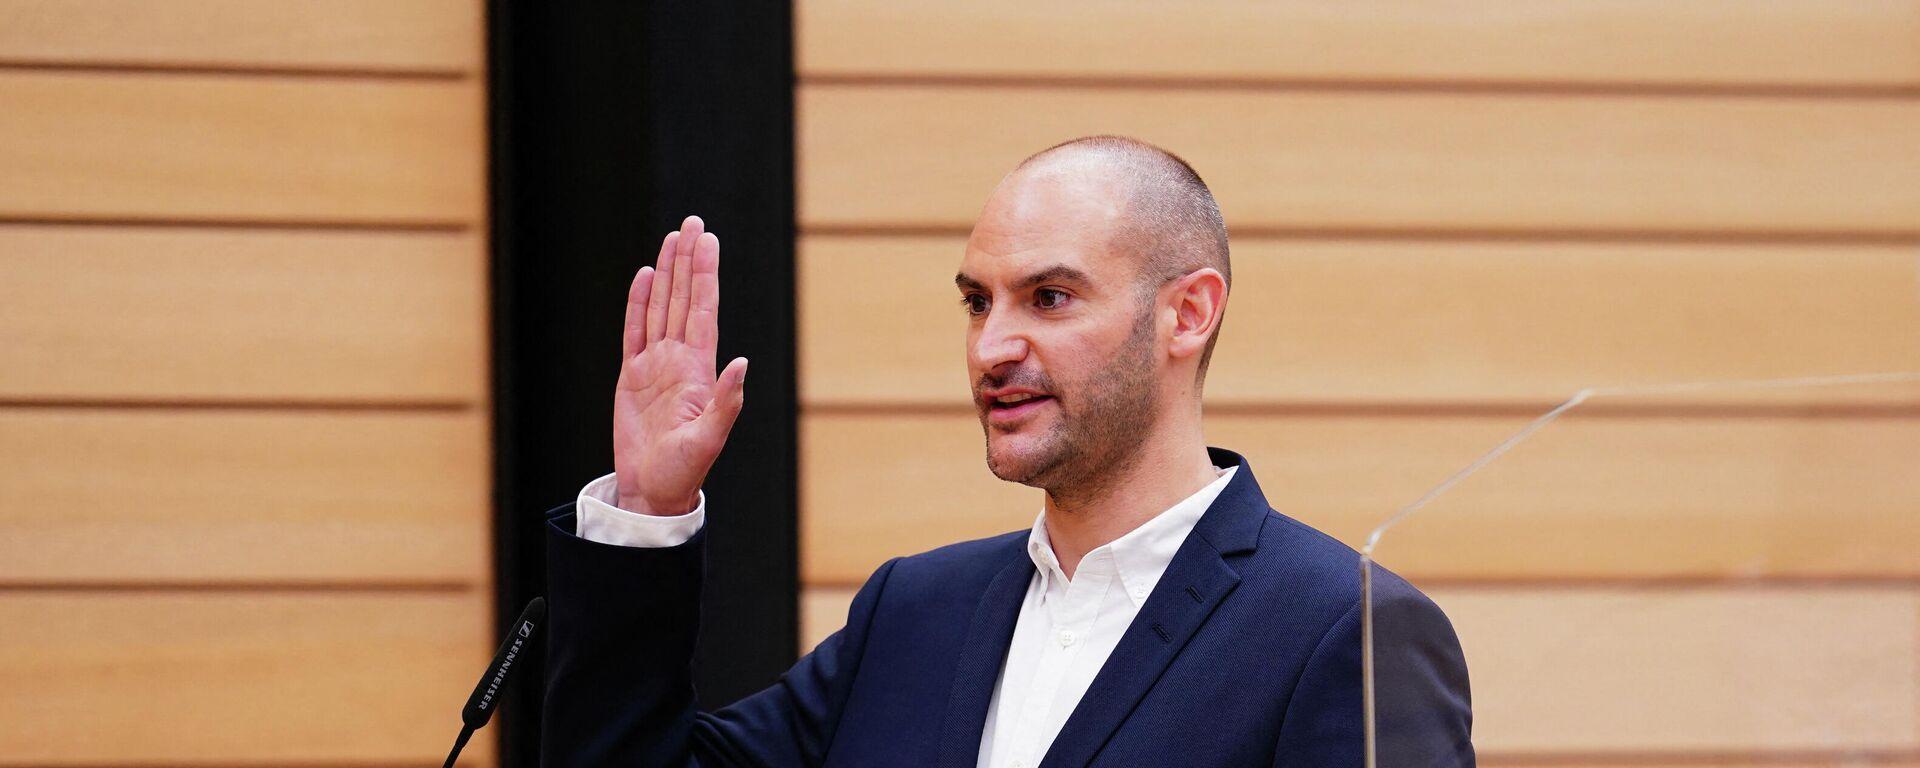 Danyal Bayaz wird am 12. Mai 2021 im Rahmen einer Vereidigung im Landtag in Stuttgart als Finanzminister Baden-Württembergs vereidigt.  - SNA, 1920, 01.09.2021